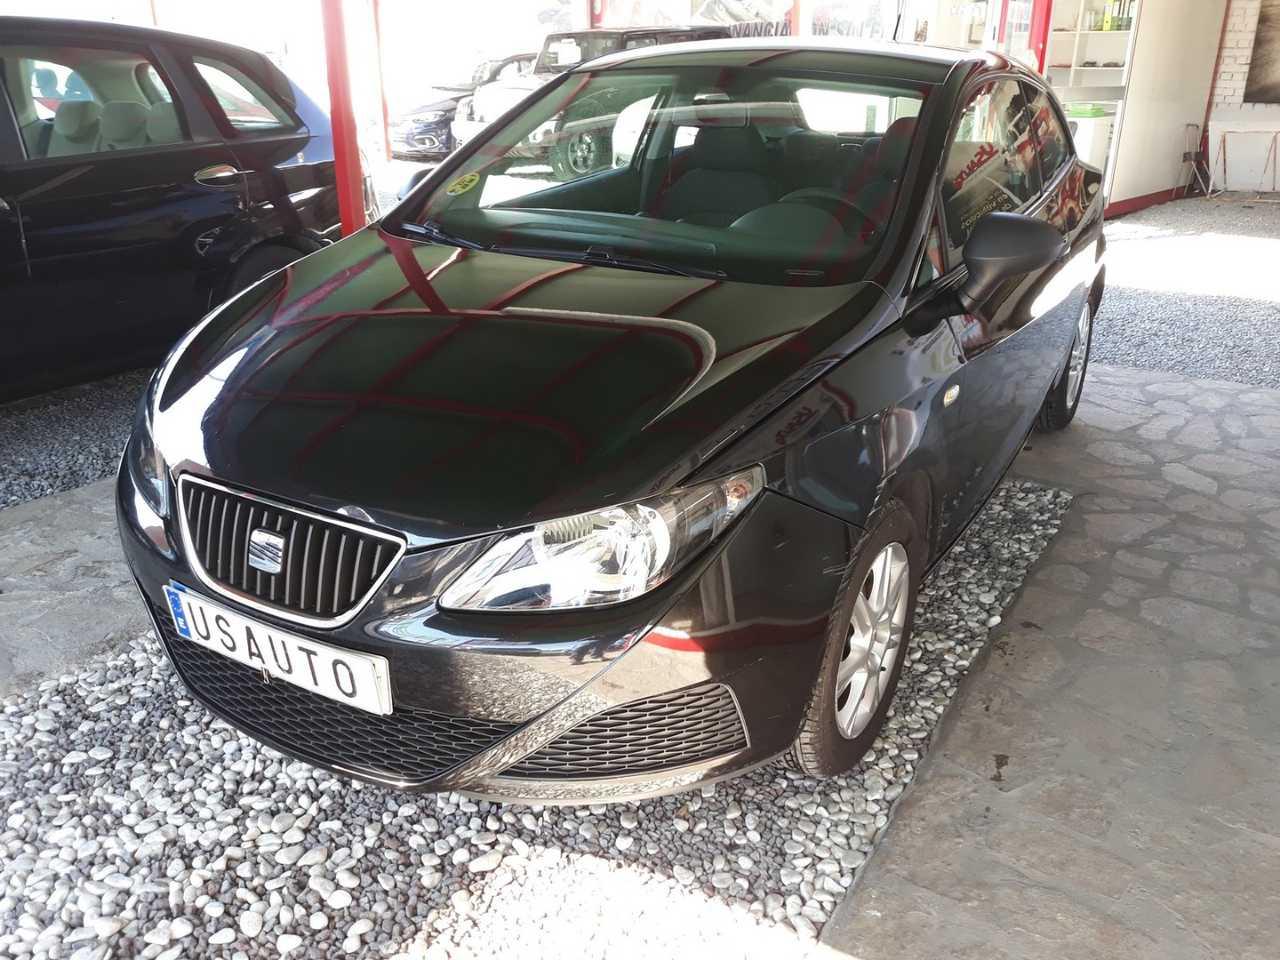 Seat Ibiza 1.4 TDI Ecomotive 80 cv   - Foto 1